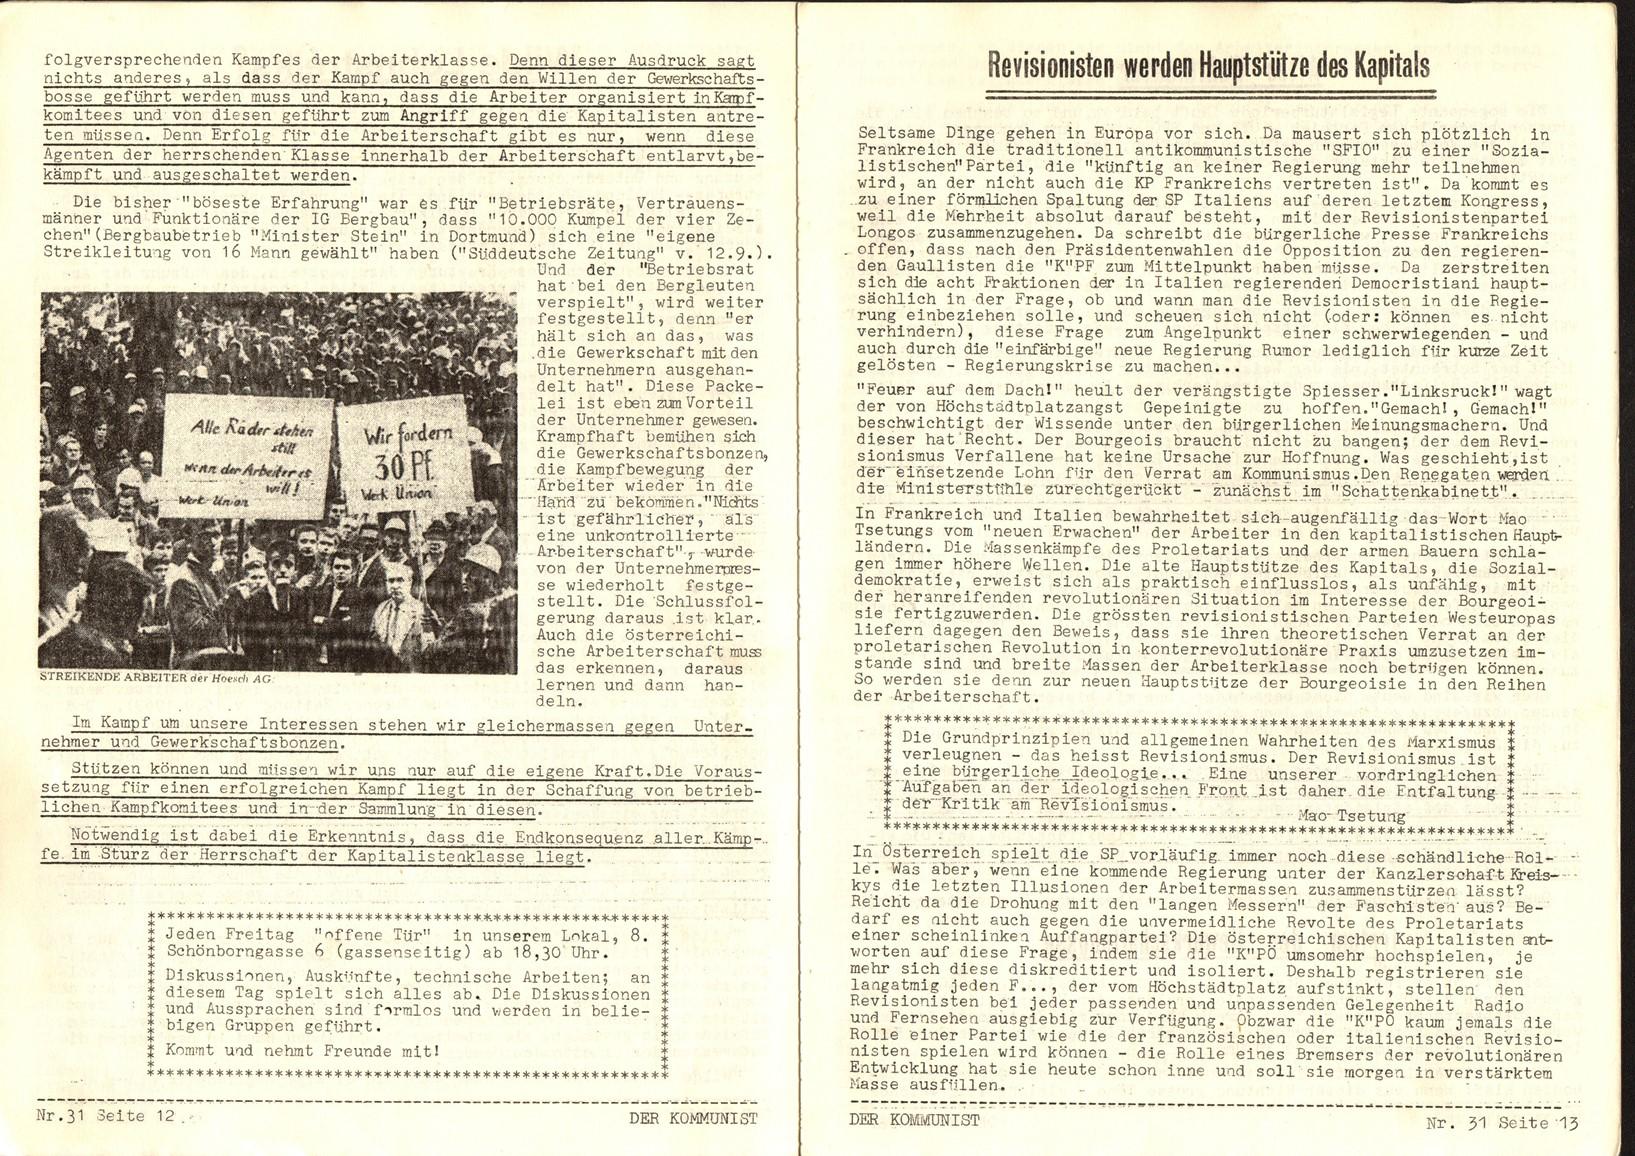 VRA_Der_Kommunist_19690900_07